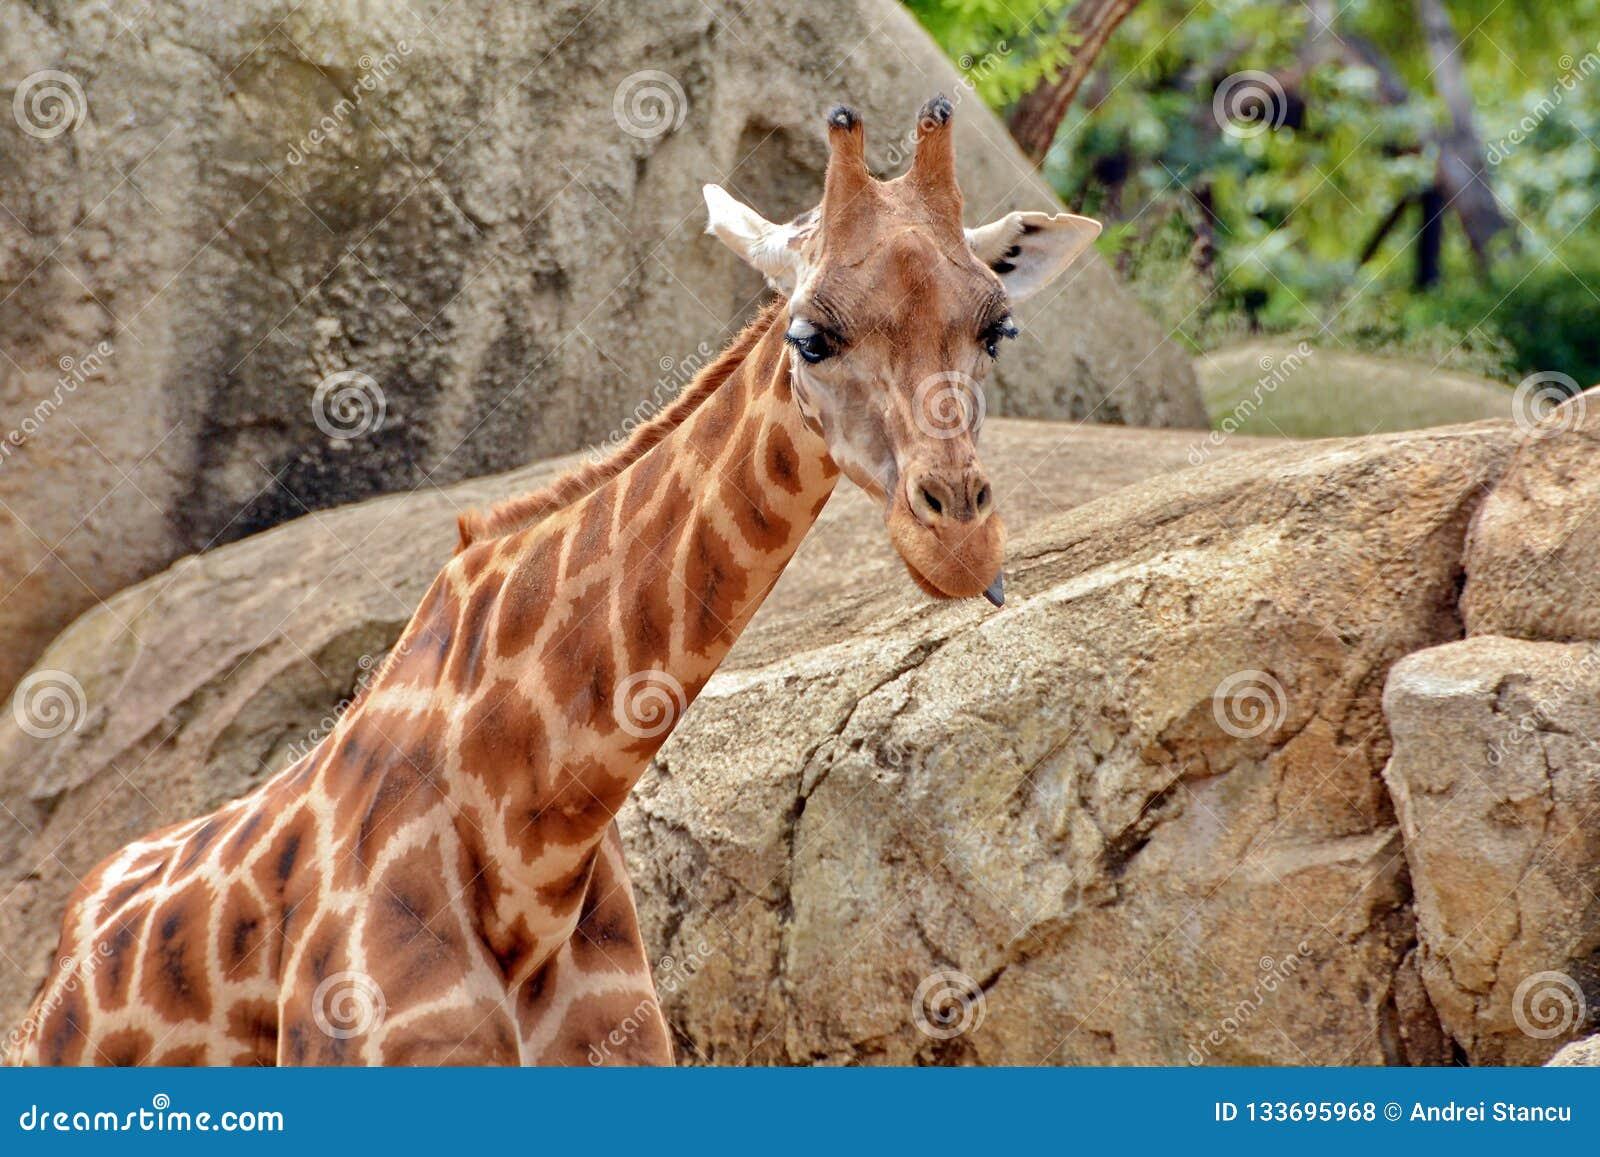 Cabeça do girafa